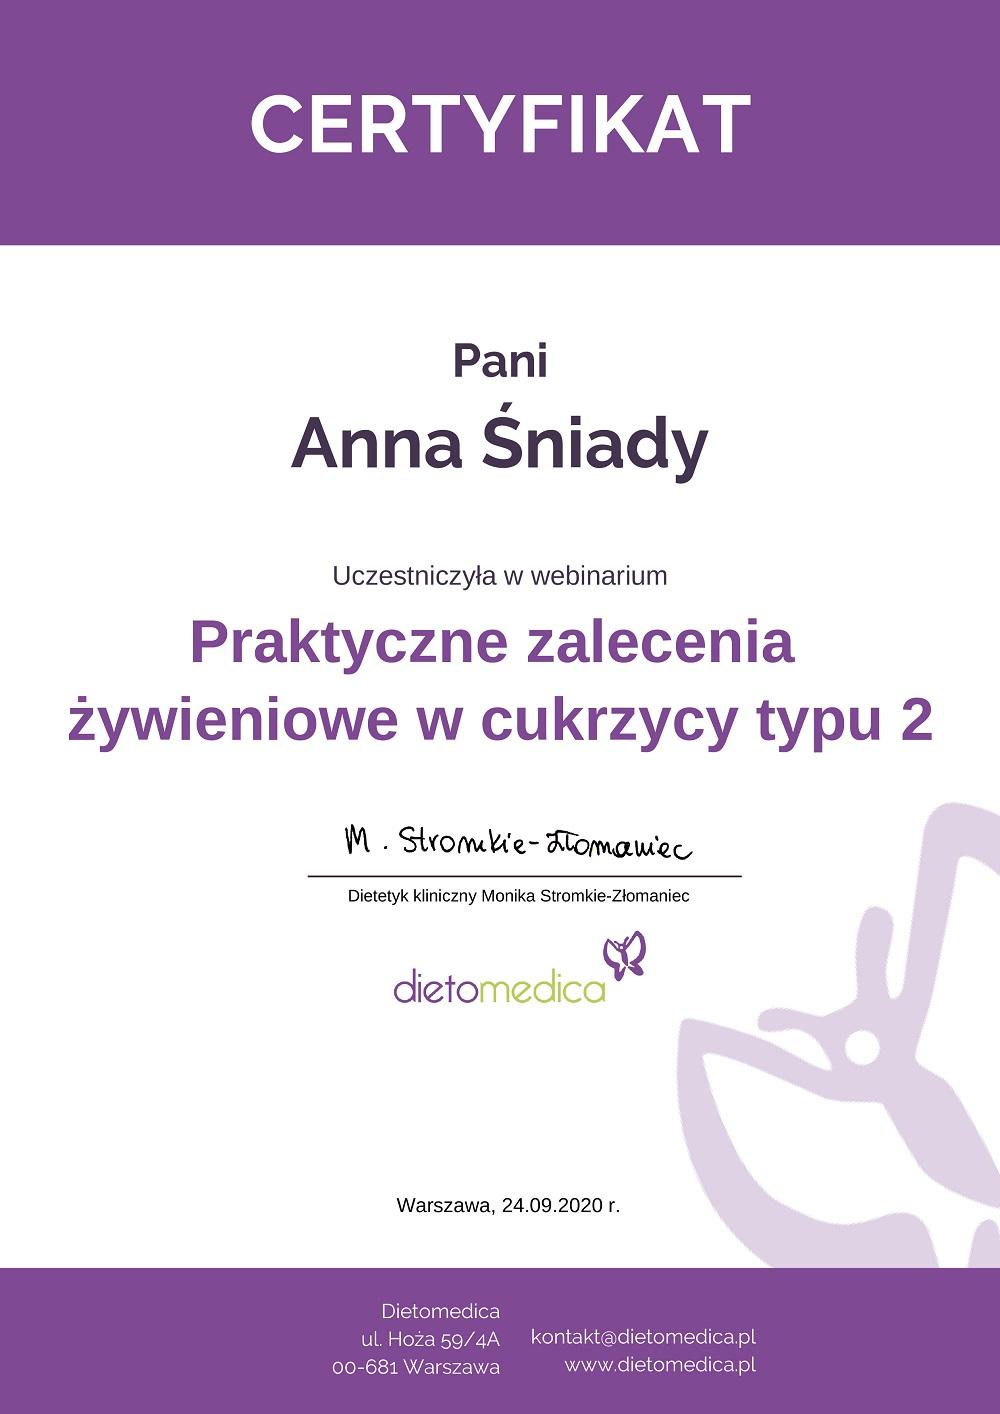 anna_sniady-(4)